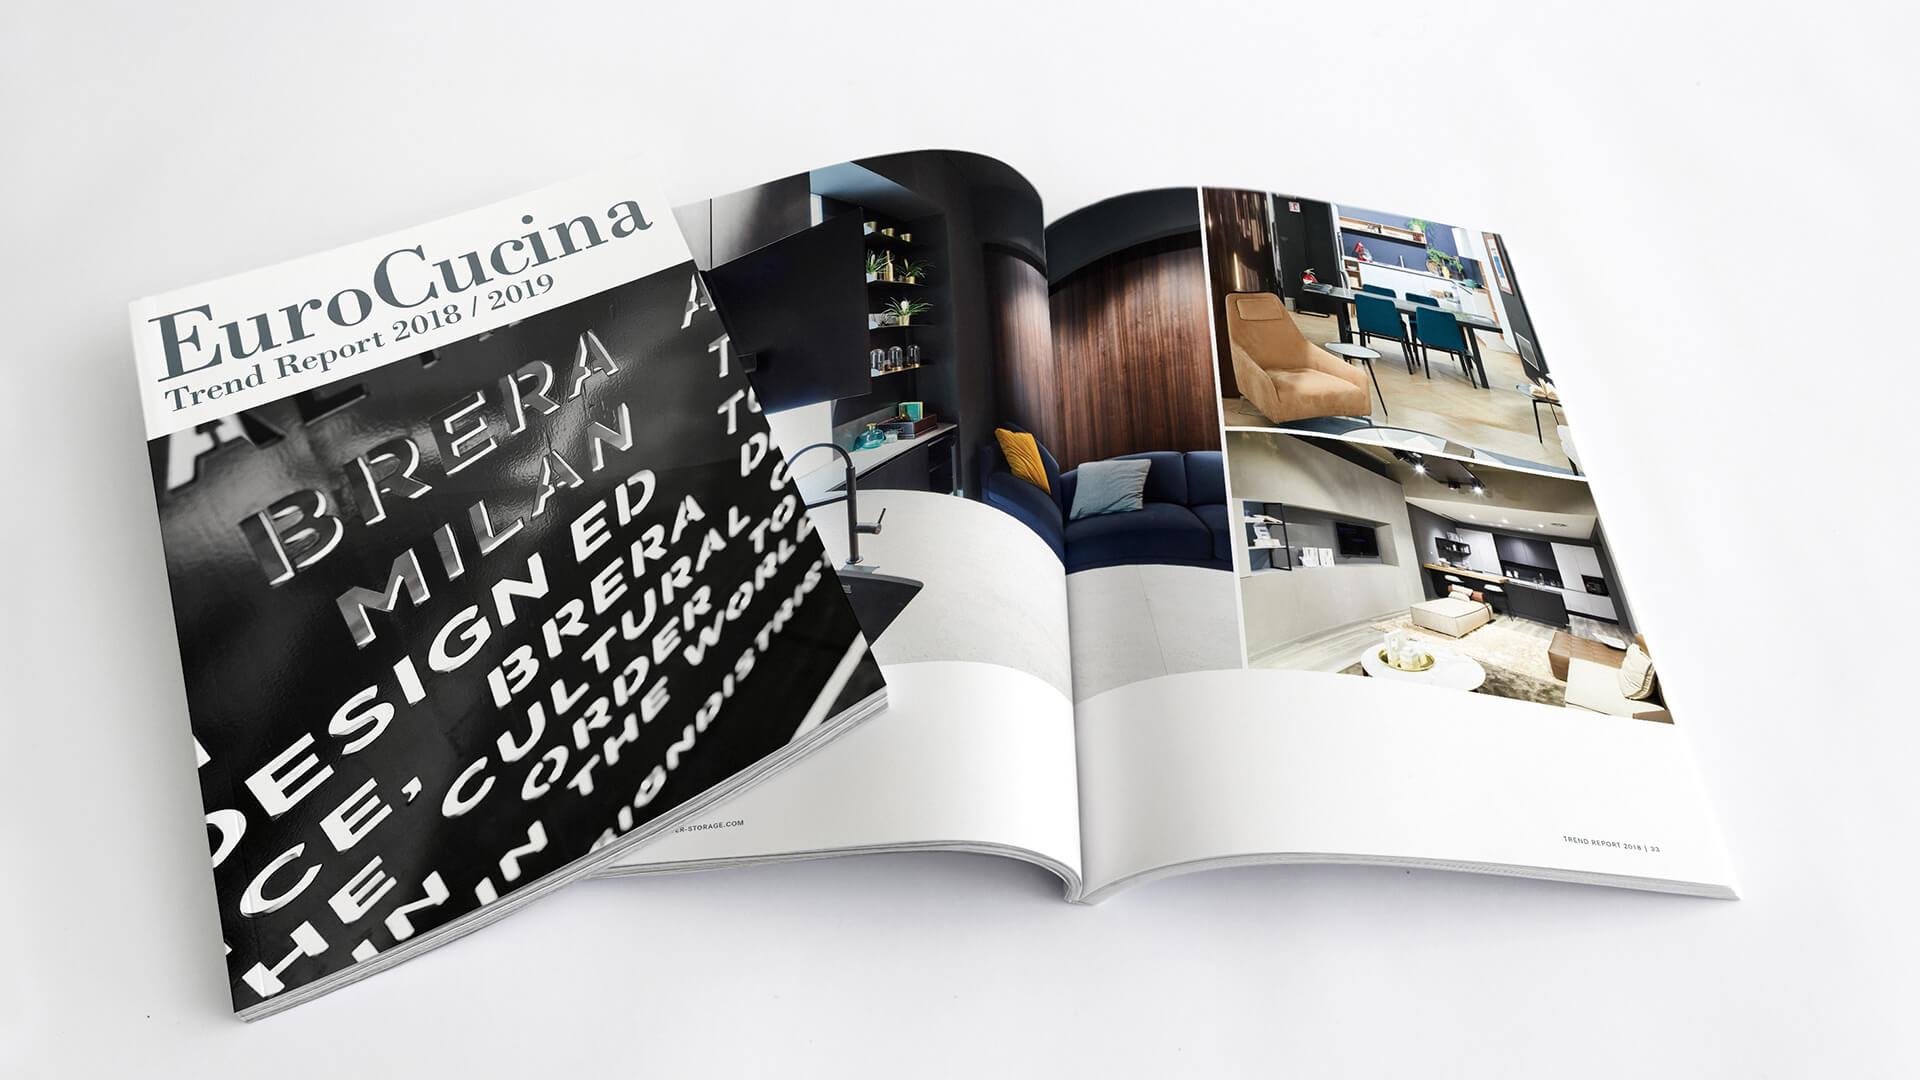 Trendreport EuroCucina 2018/2019: Kesseböhmer dokumentiert die Zukunft der Küche